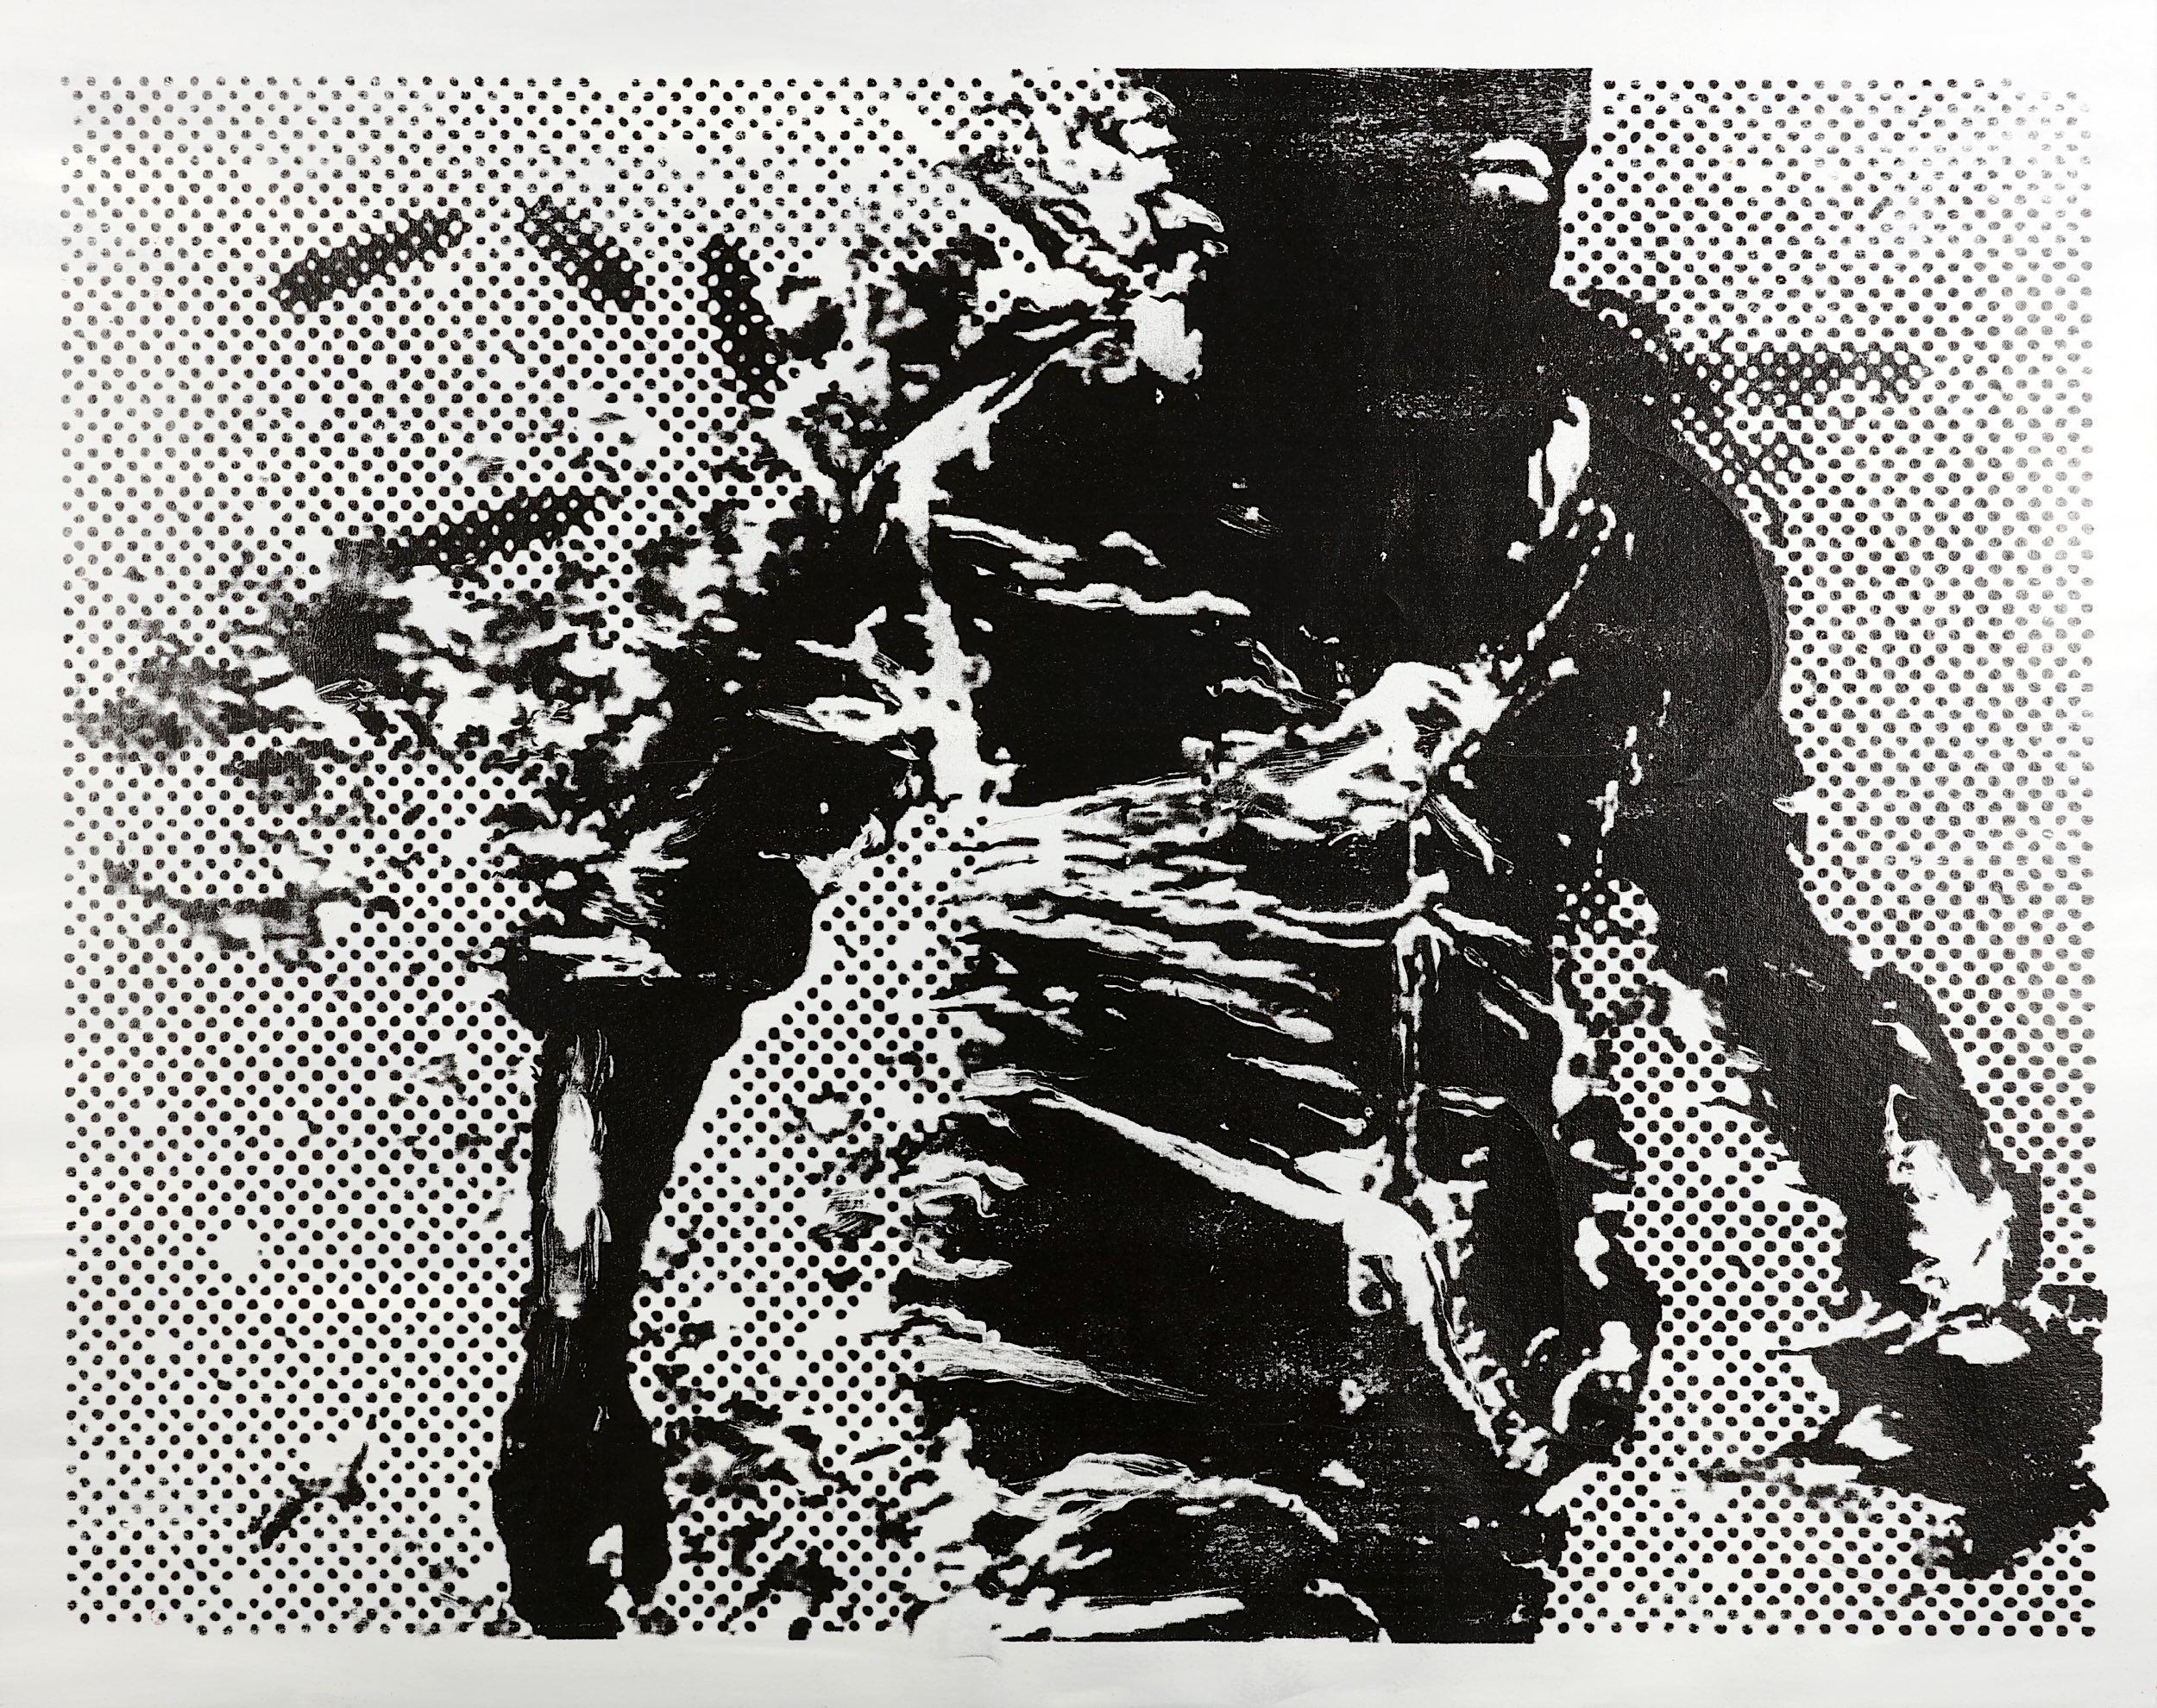 Lot 353 - Paul Insect (British b.1971), 'Burning Man', 2012